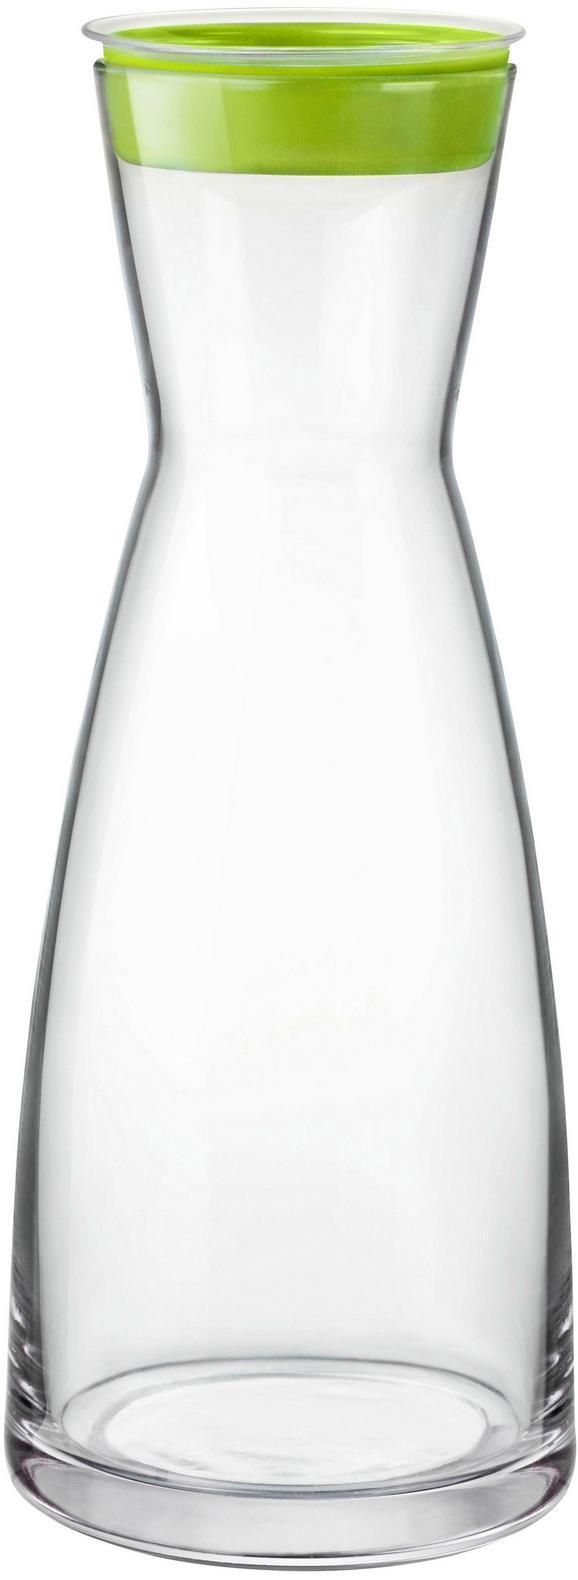 Karafa Za Vodo Brio - roza/turkizna, steklo (1l) - Mömax modern living